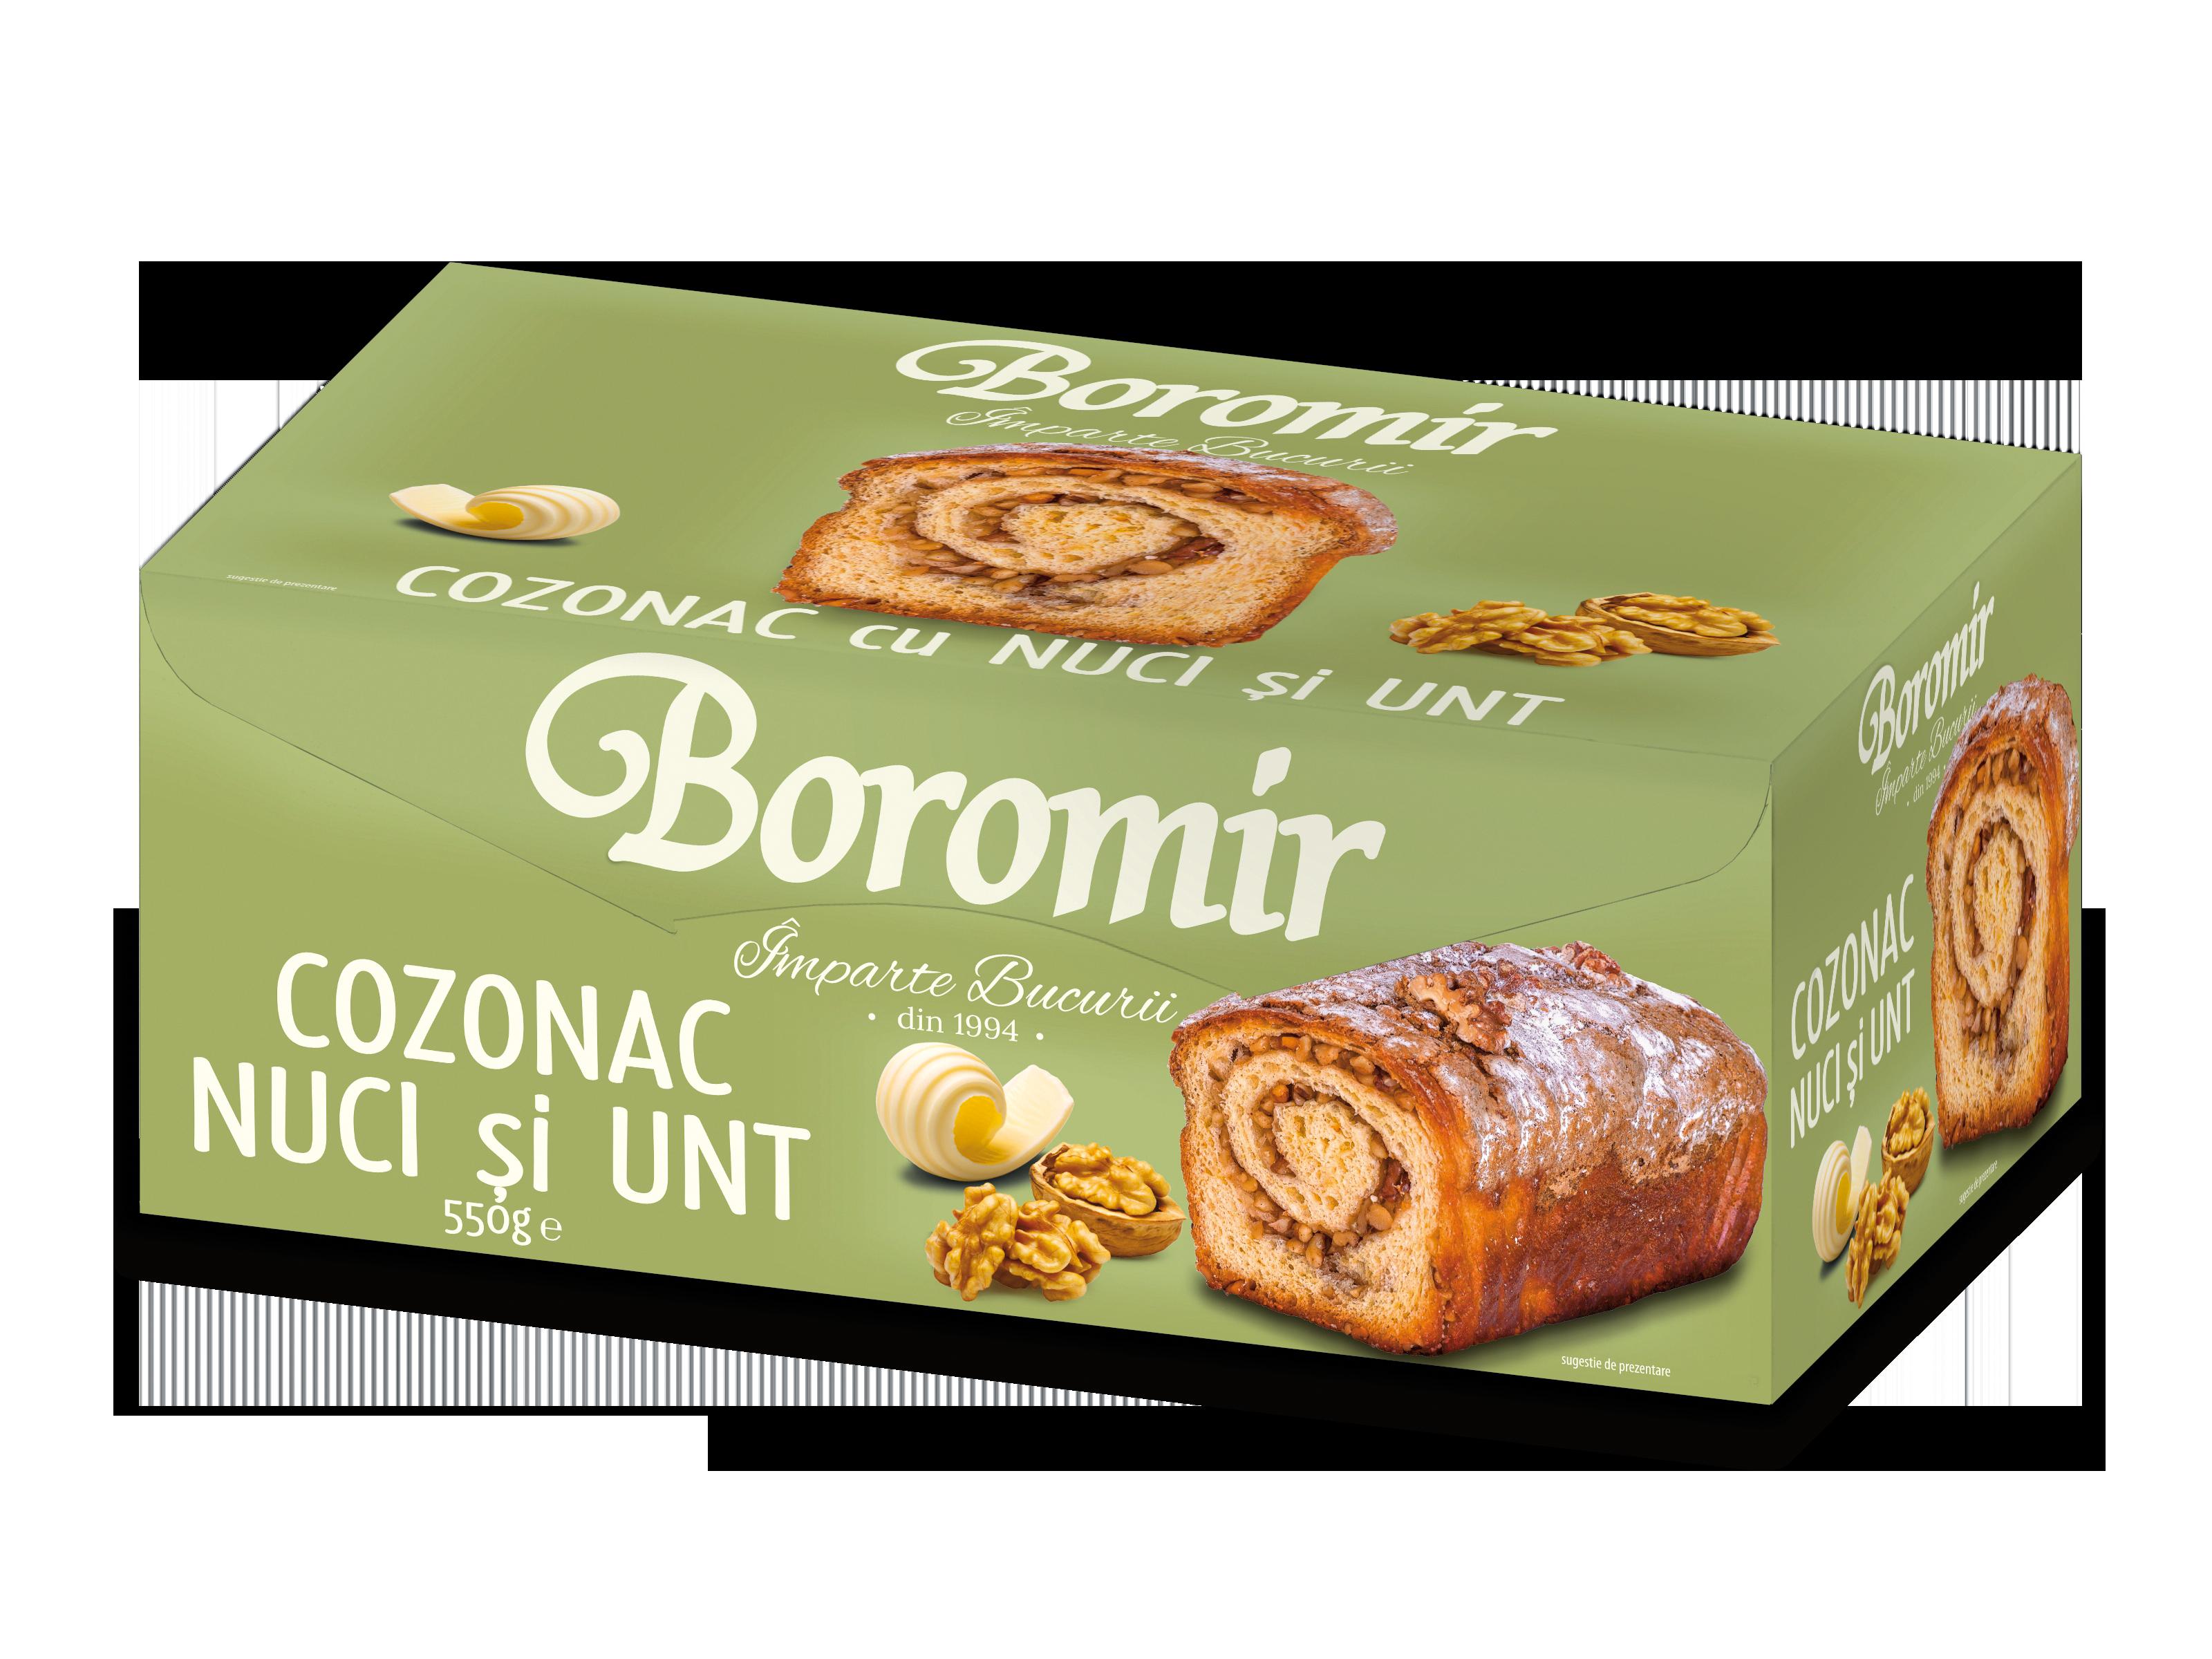 De ce este atat de popular cozonacul cu nuci si unt de la Boromir?